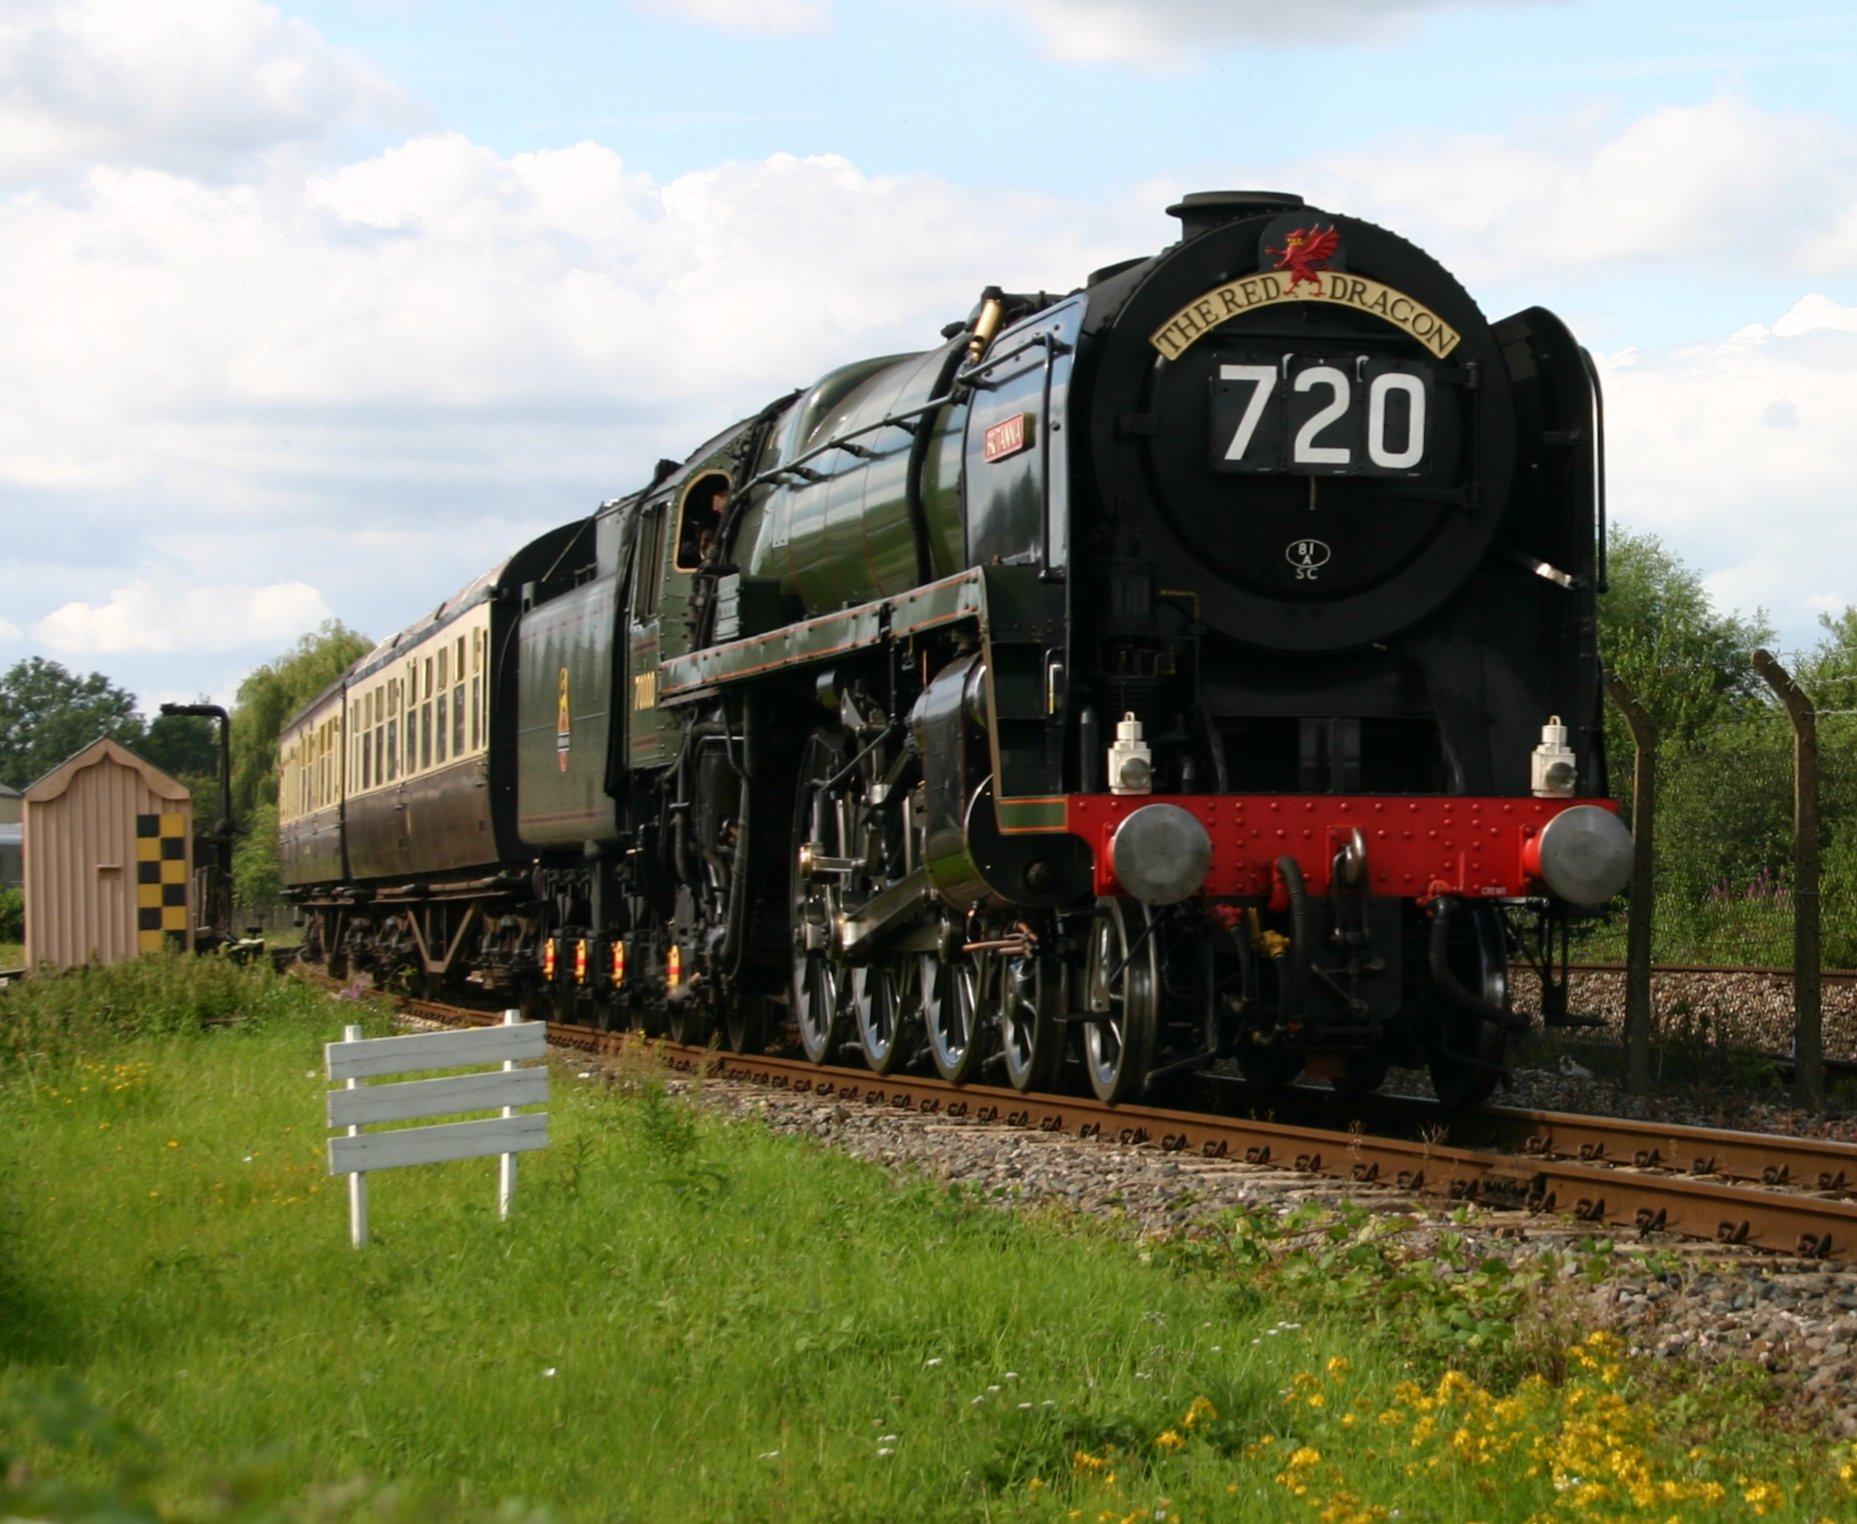 70000 Britannia at Didcot Railway Centre – 8th August 2012